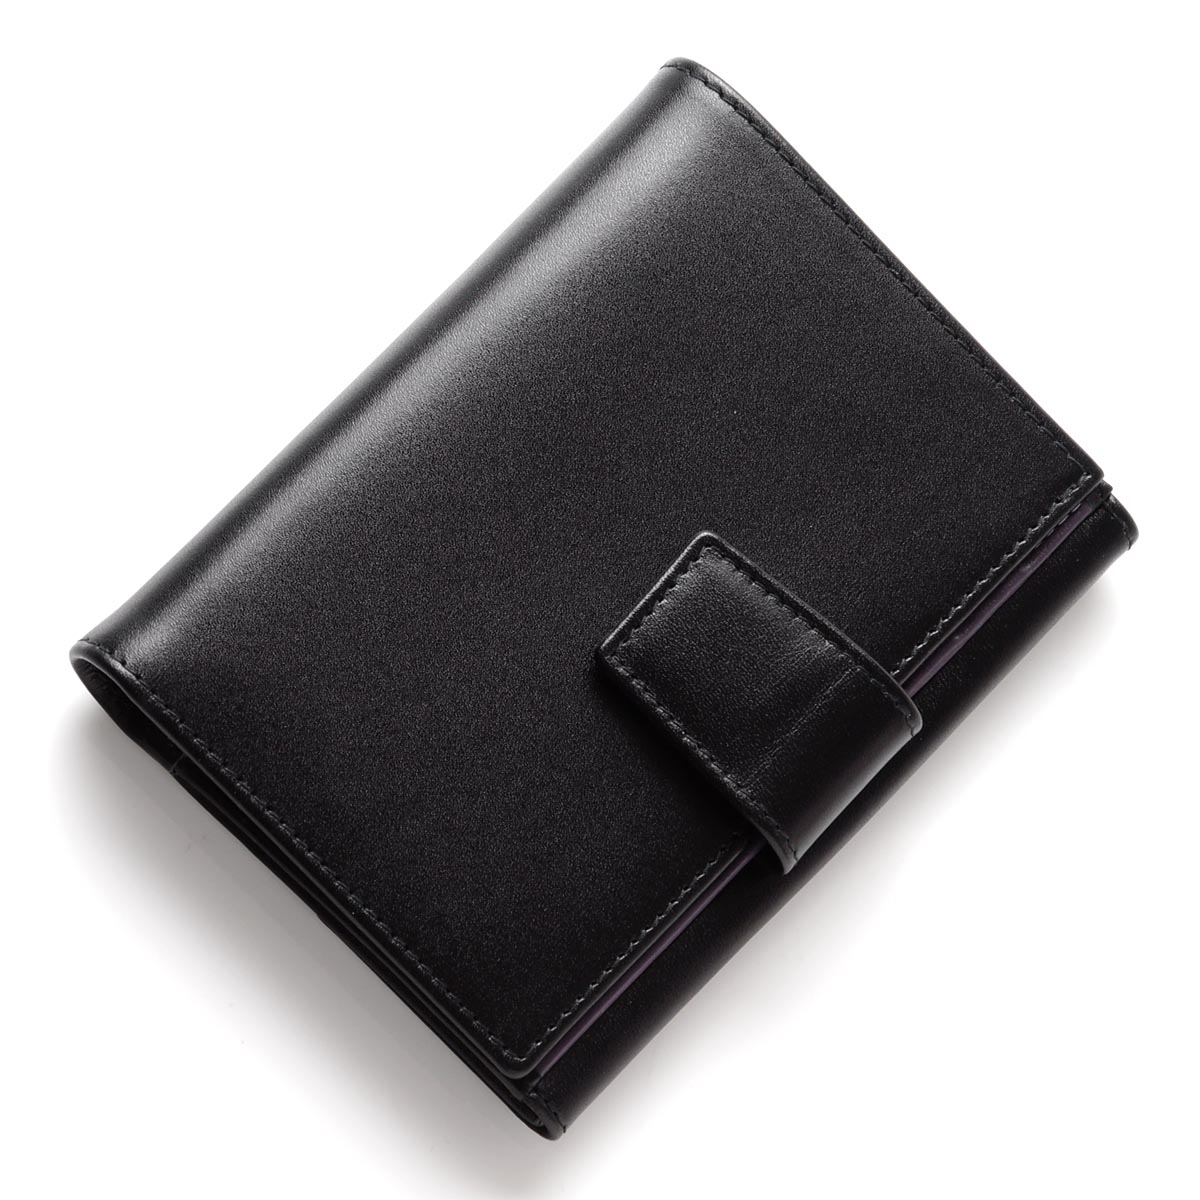 エッティンガー/ETTINGER 2つ折り財布[小銭入れ付き] ロイヤルコレクション/パープルコレクション BLACK×PURPLE et52 purple メンズ【あす楽対応_関東】